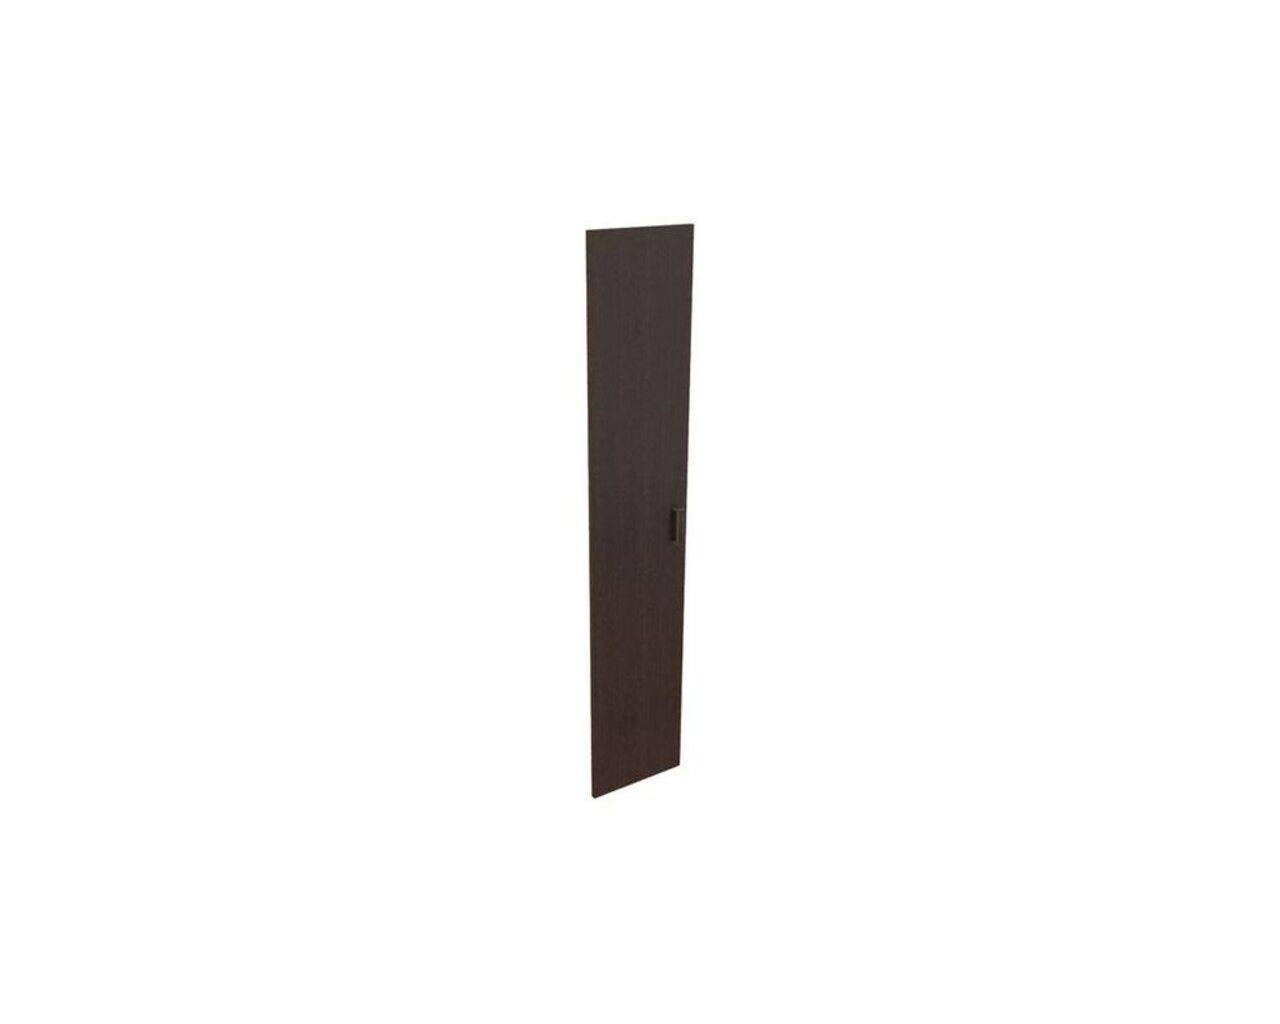 Дверь из ЛДСП к узкому стеллажу  Приоритет II 36x2x195 - фото 1